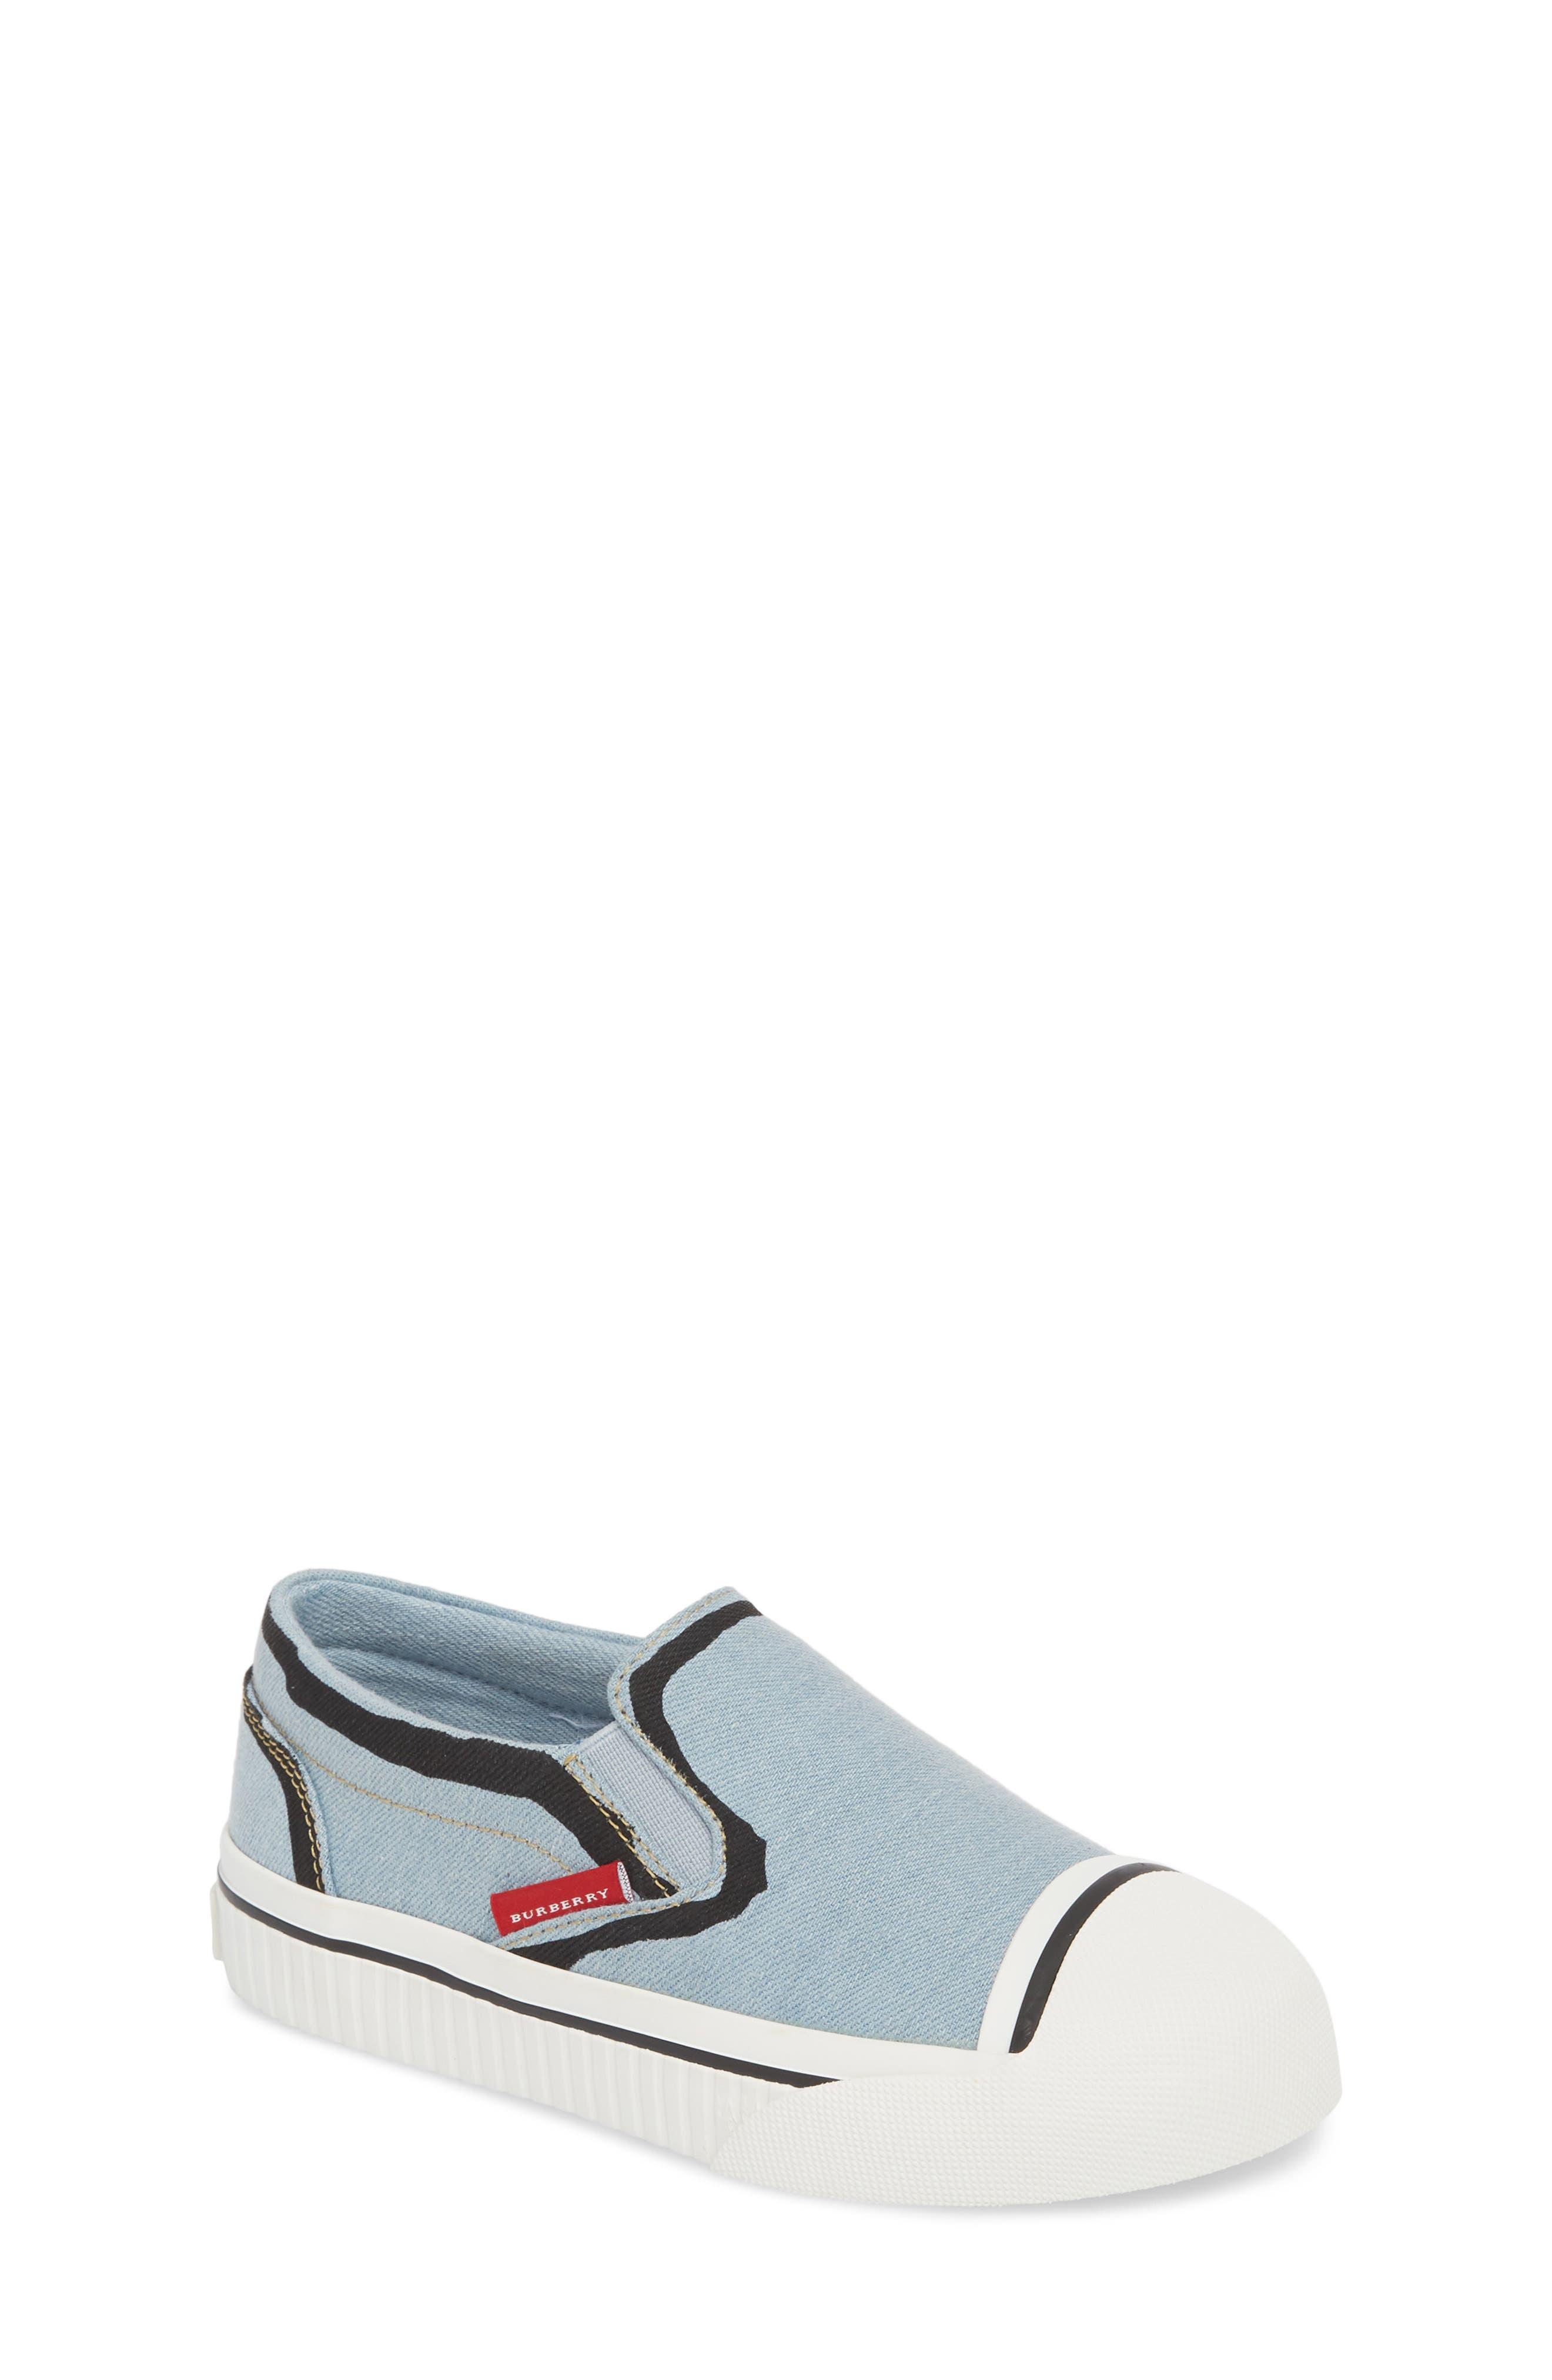 Lipton Slip-On Sneaker,                         Main,                         color, LIGHT BLUE